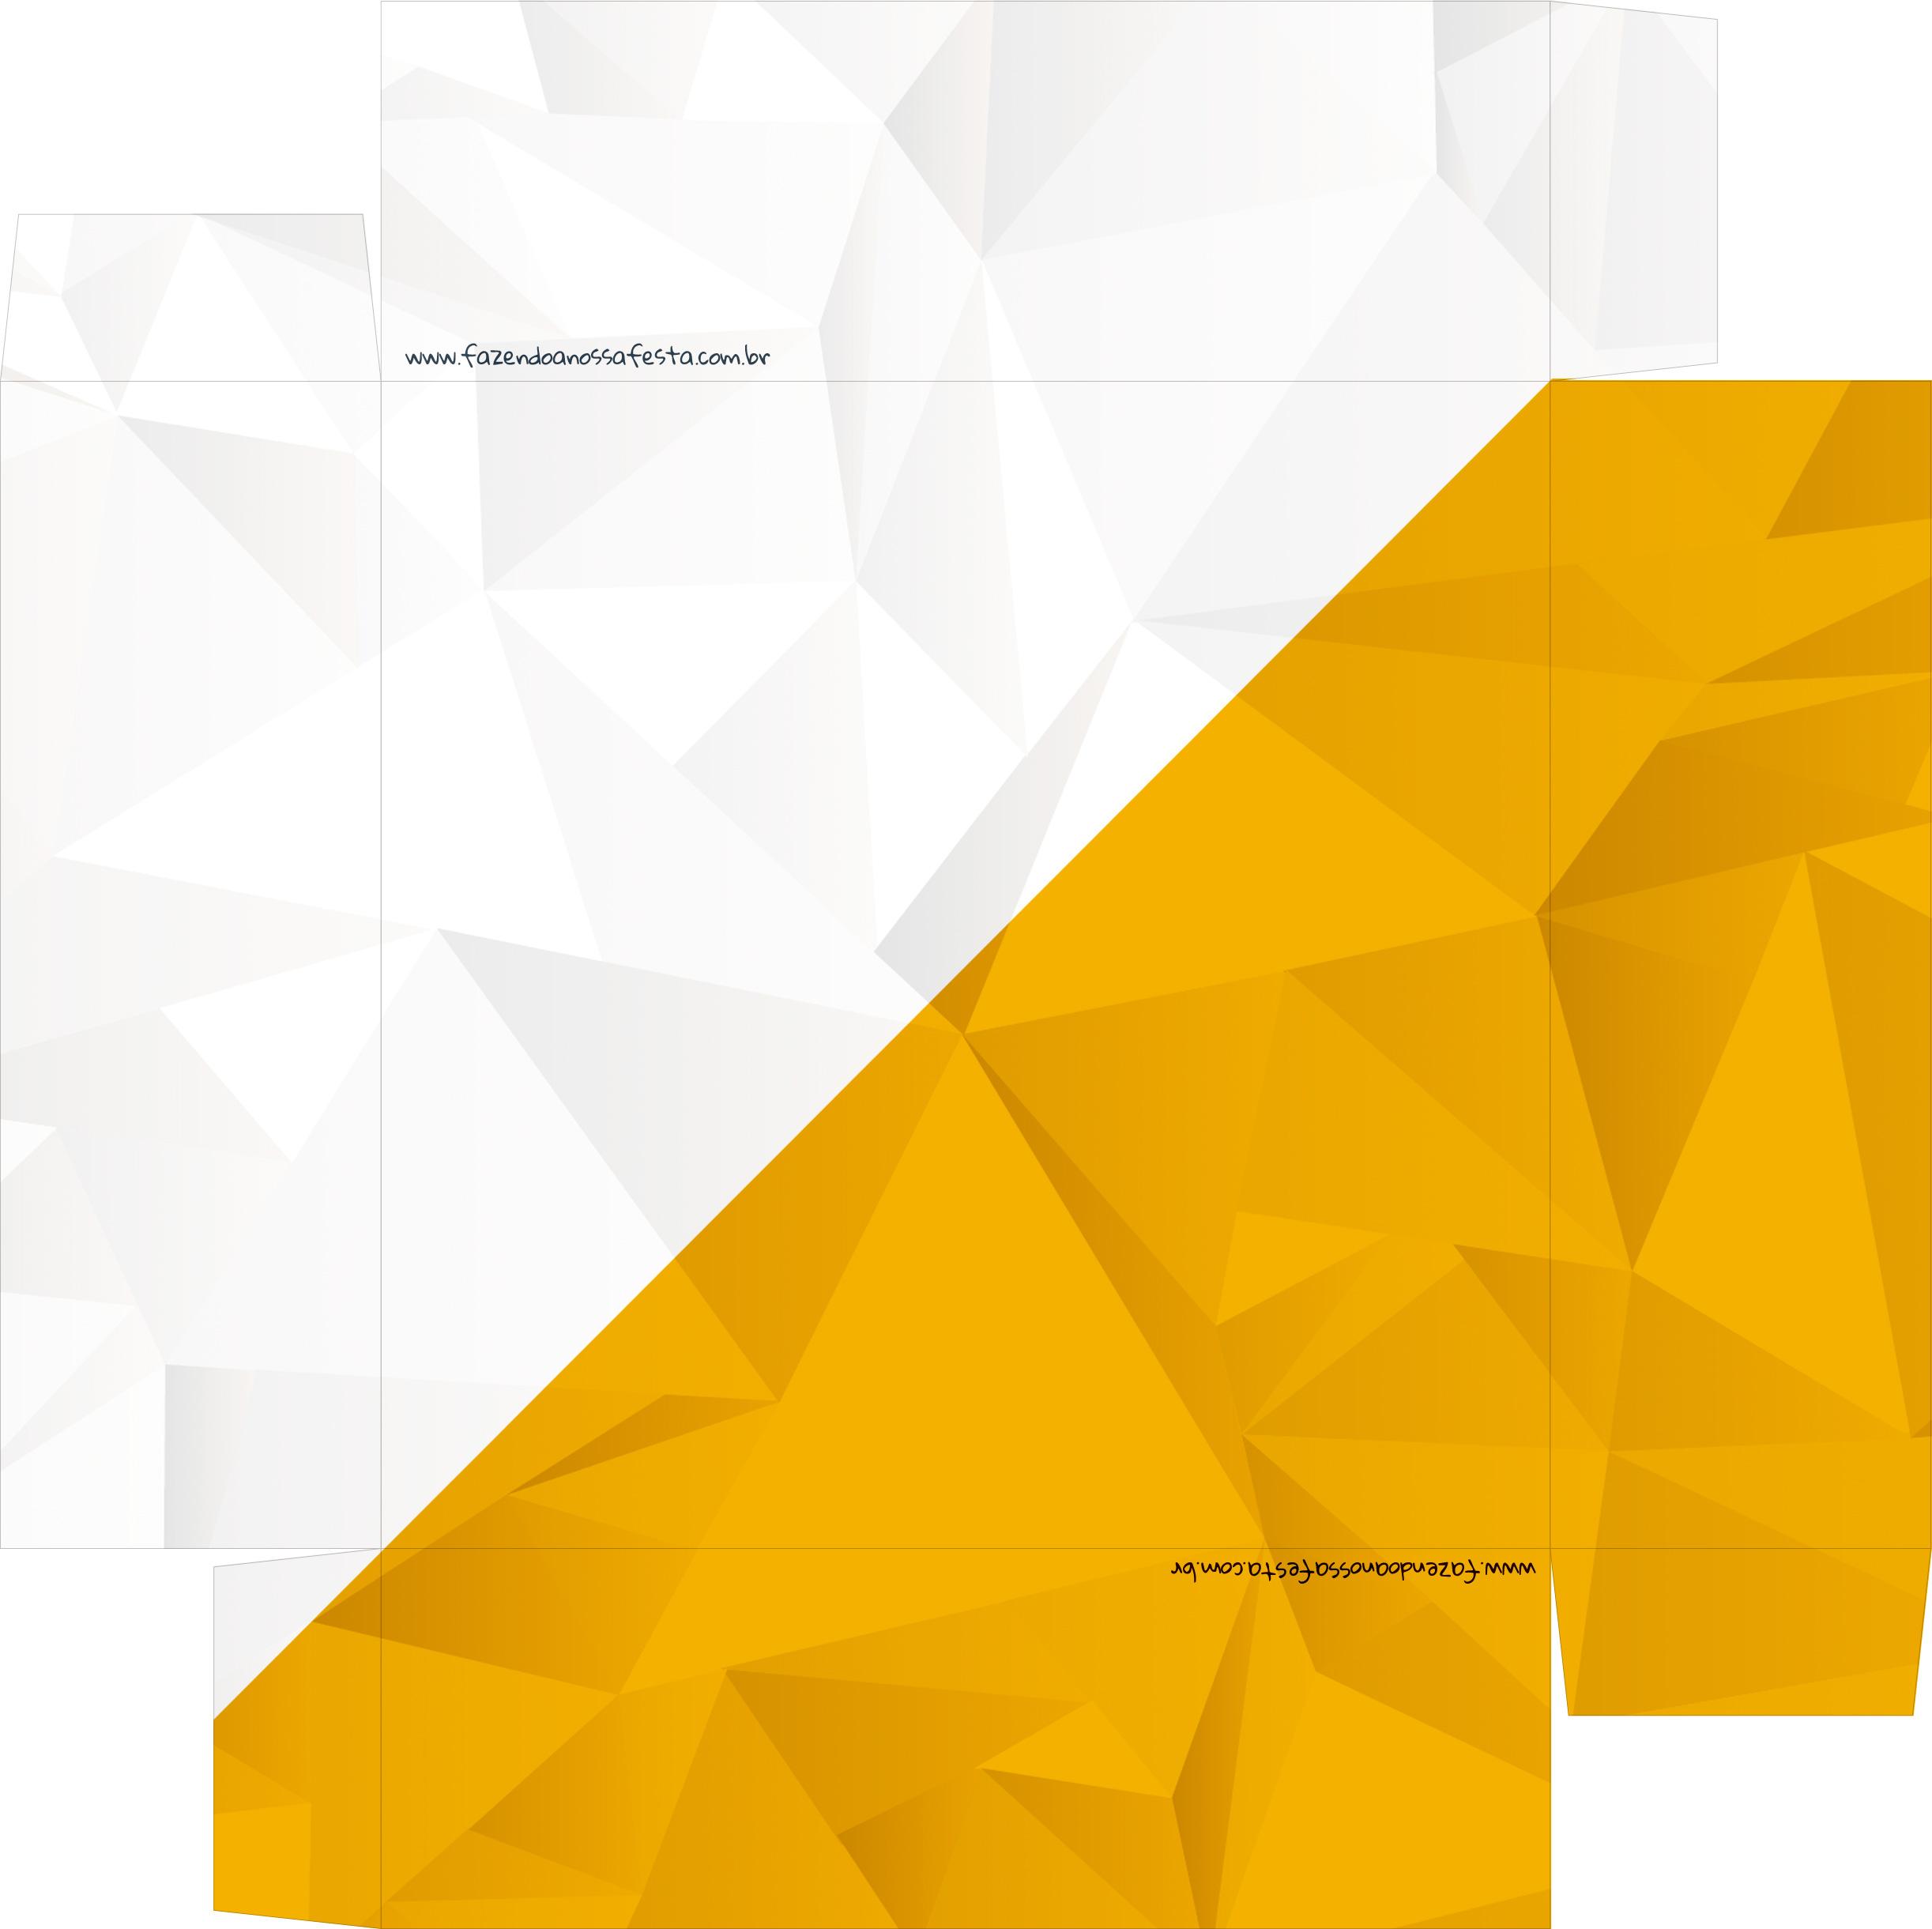 Caixa de BomBom Lembrancinha Ano Novo Ouro Branco 2 Base